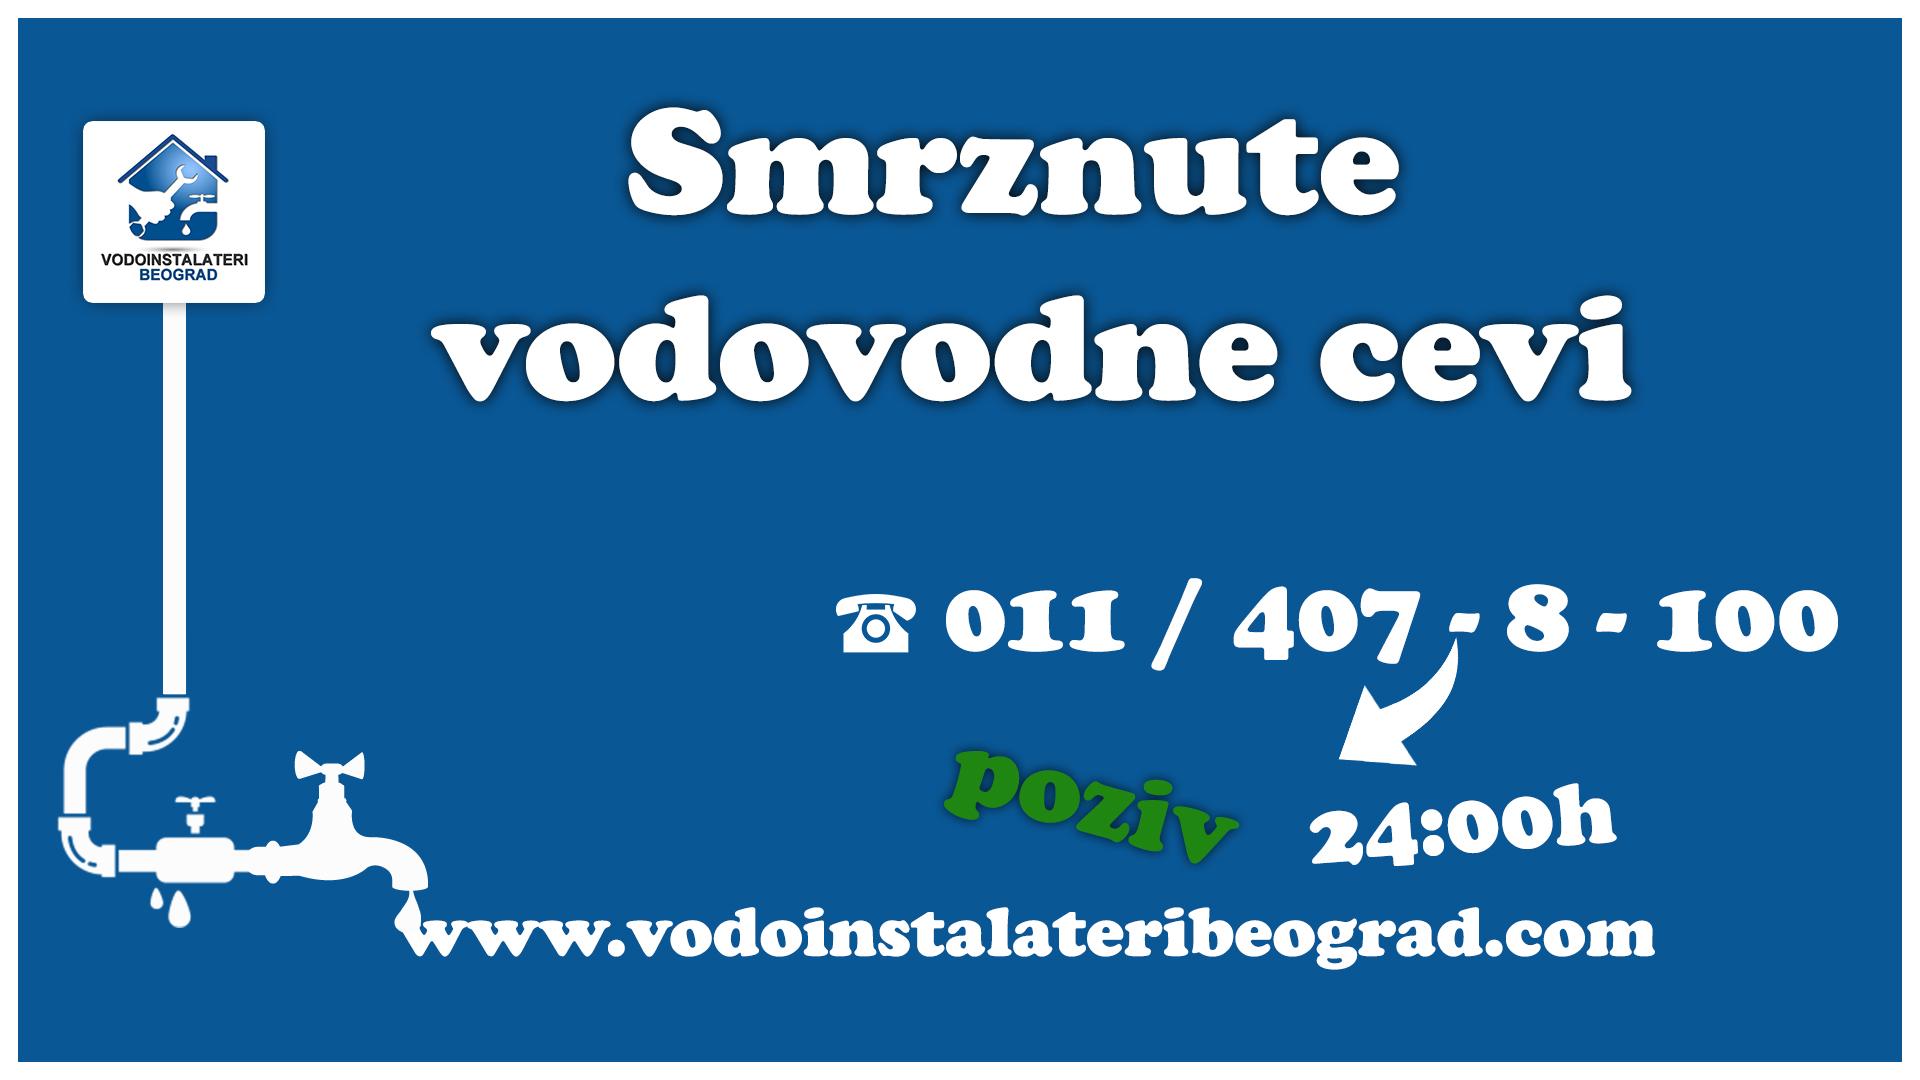 Smrznute vodovodne cevi - Vodoinstalateri Beograd Tim